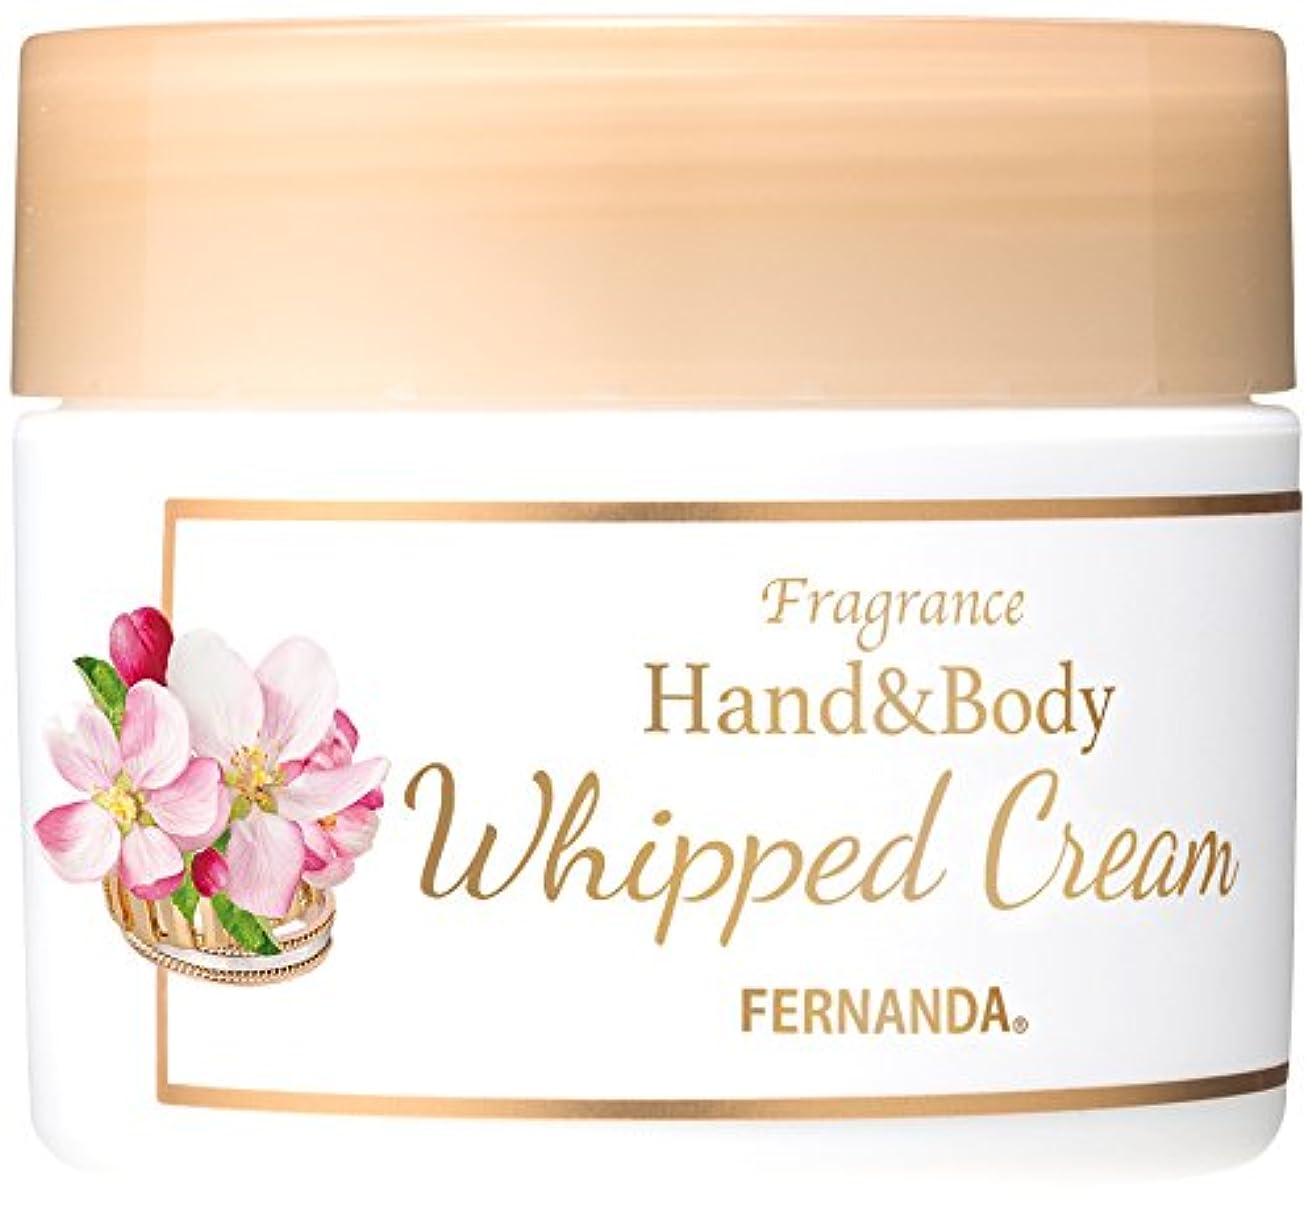 農業懐不誠実FERNANDA(フェルナンダ) Hand&Body Whipped Cream Primeiro Amor (ハンド&ホイップクリーム プリメイロアモール)